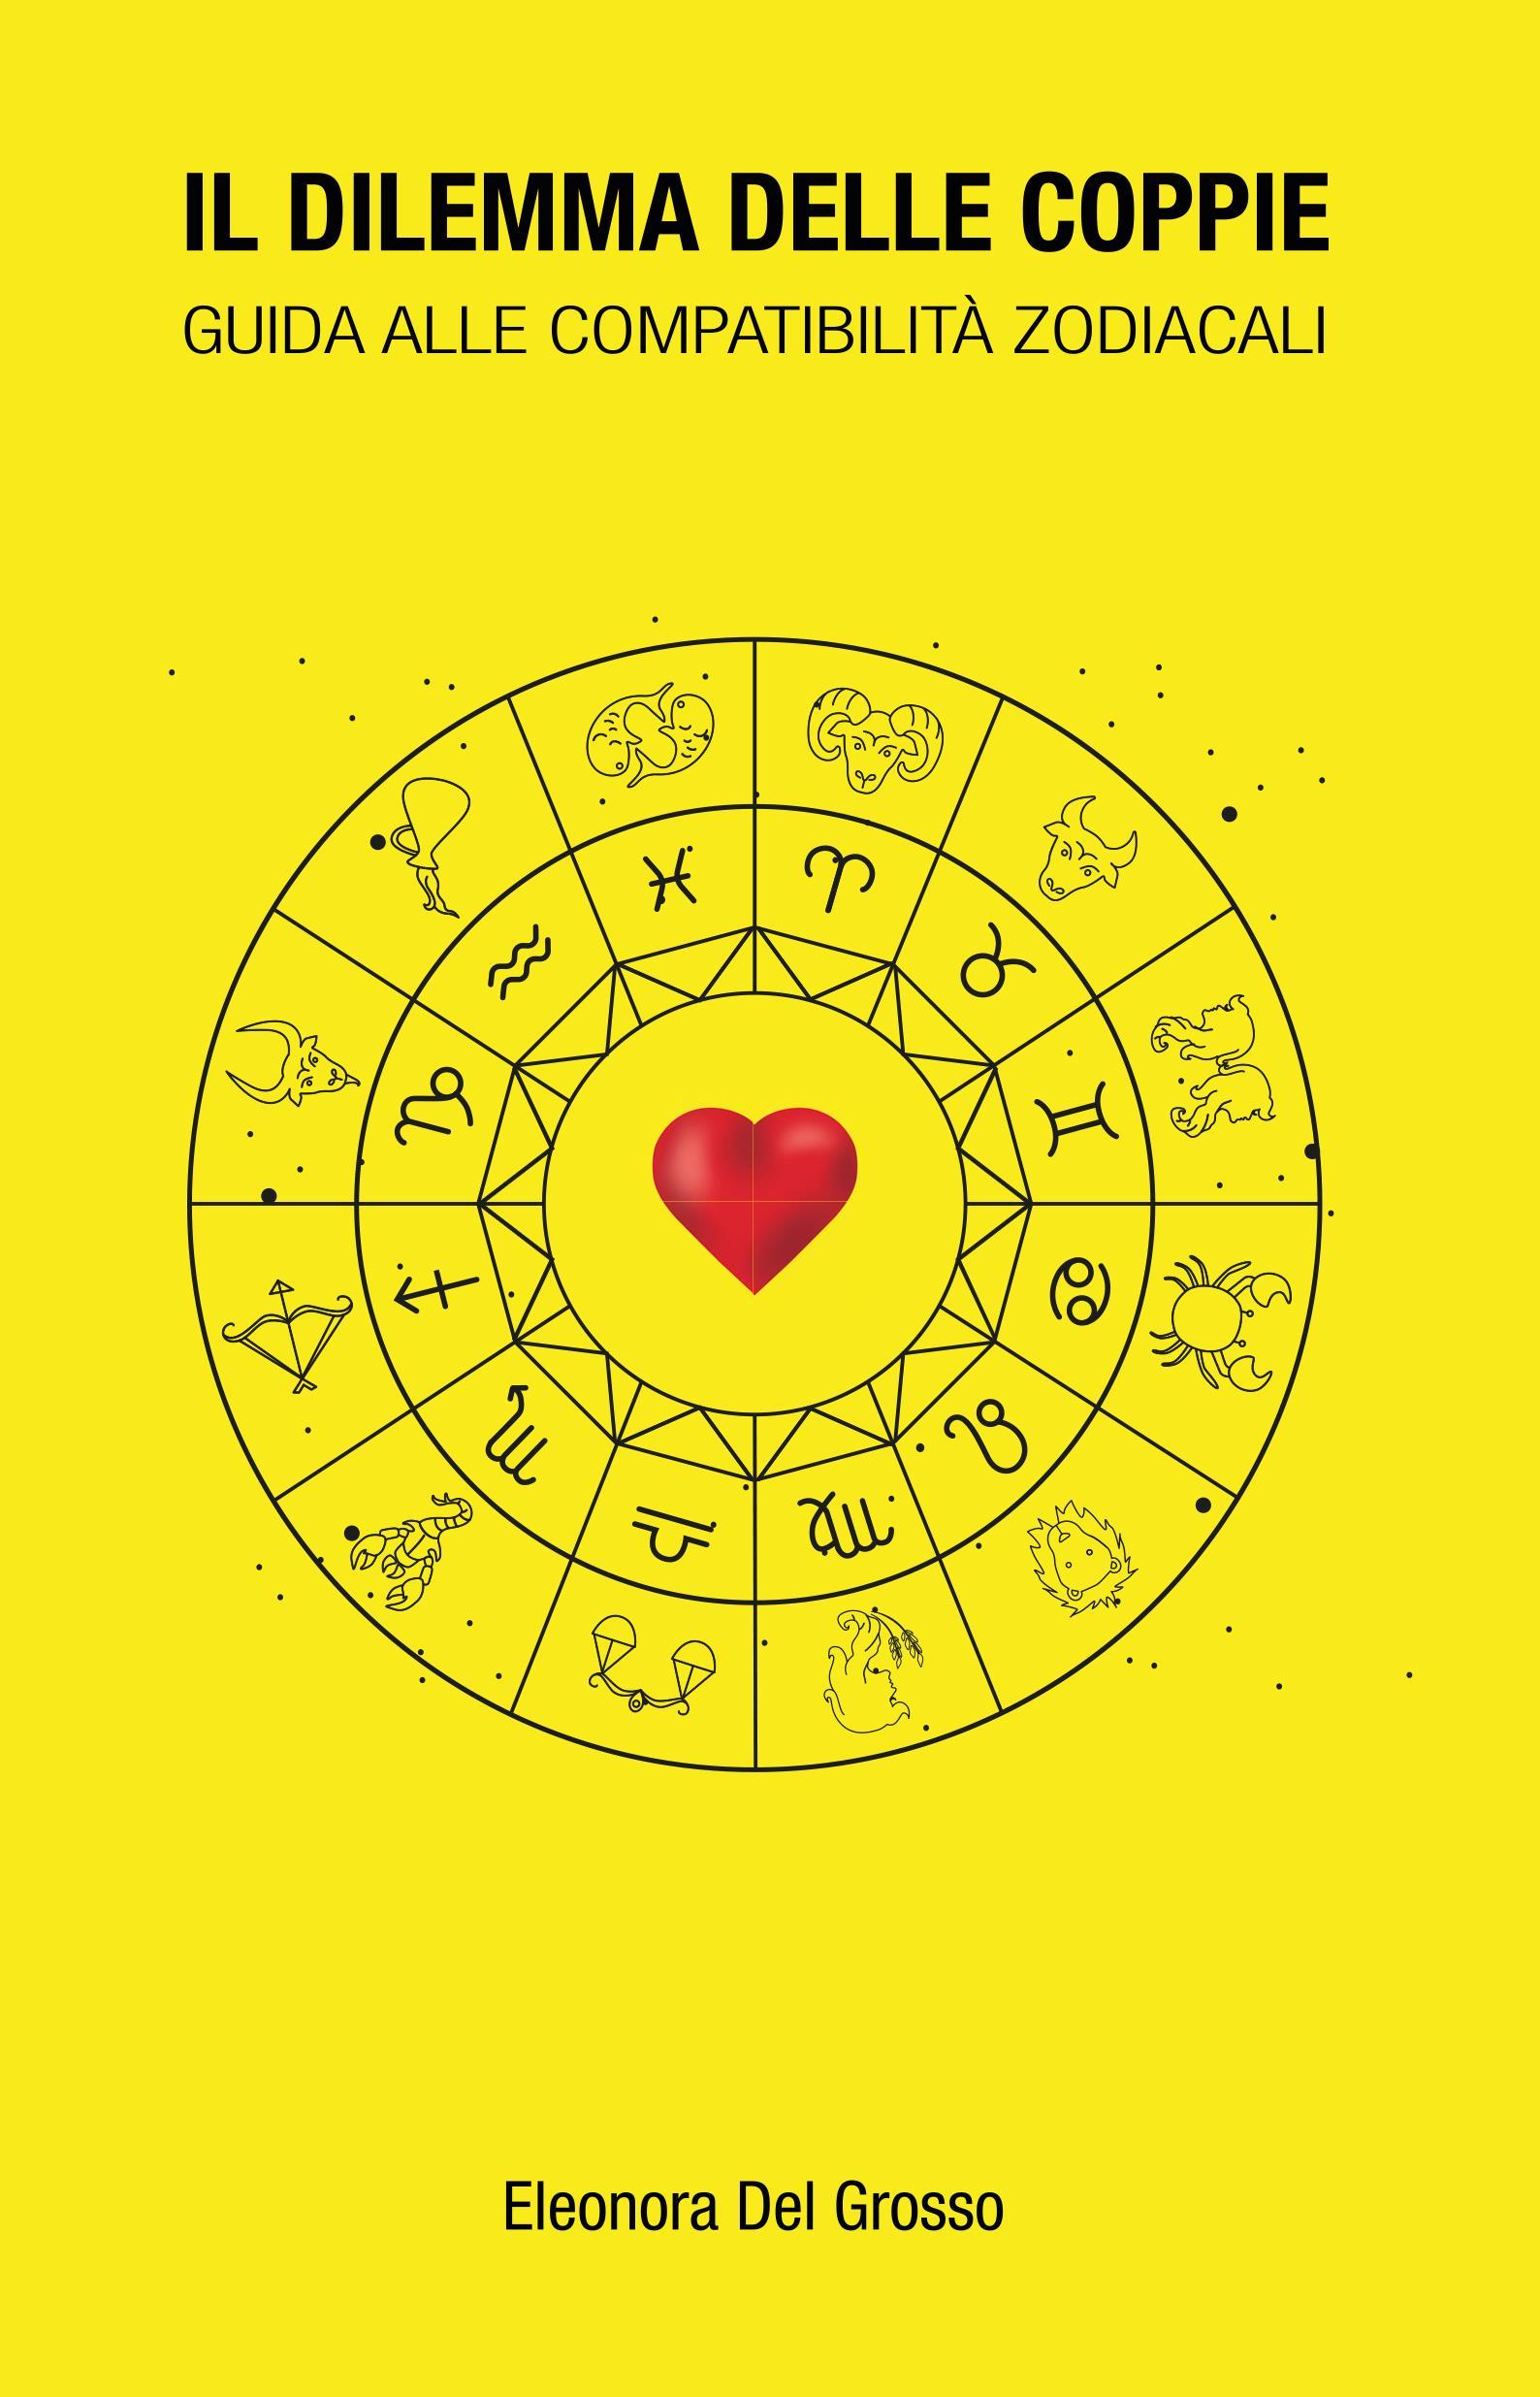 Il dilemma delle coppie - guida alle compatibilità zodiacali